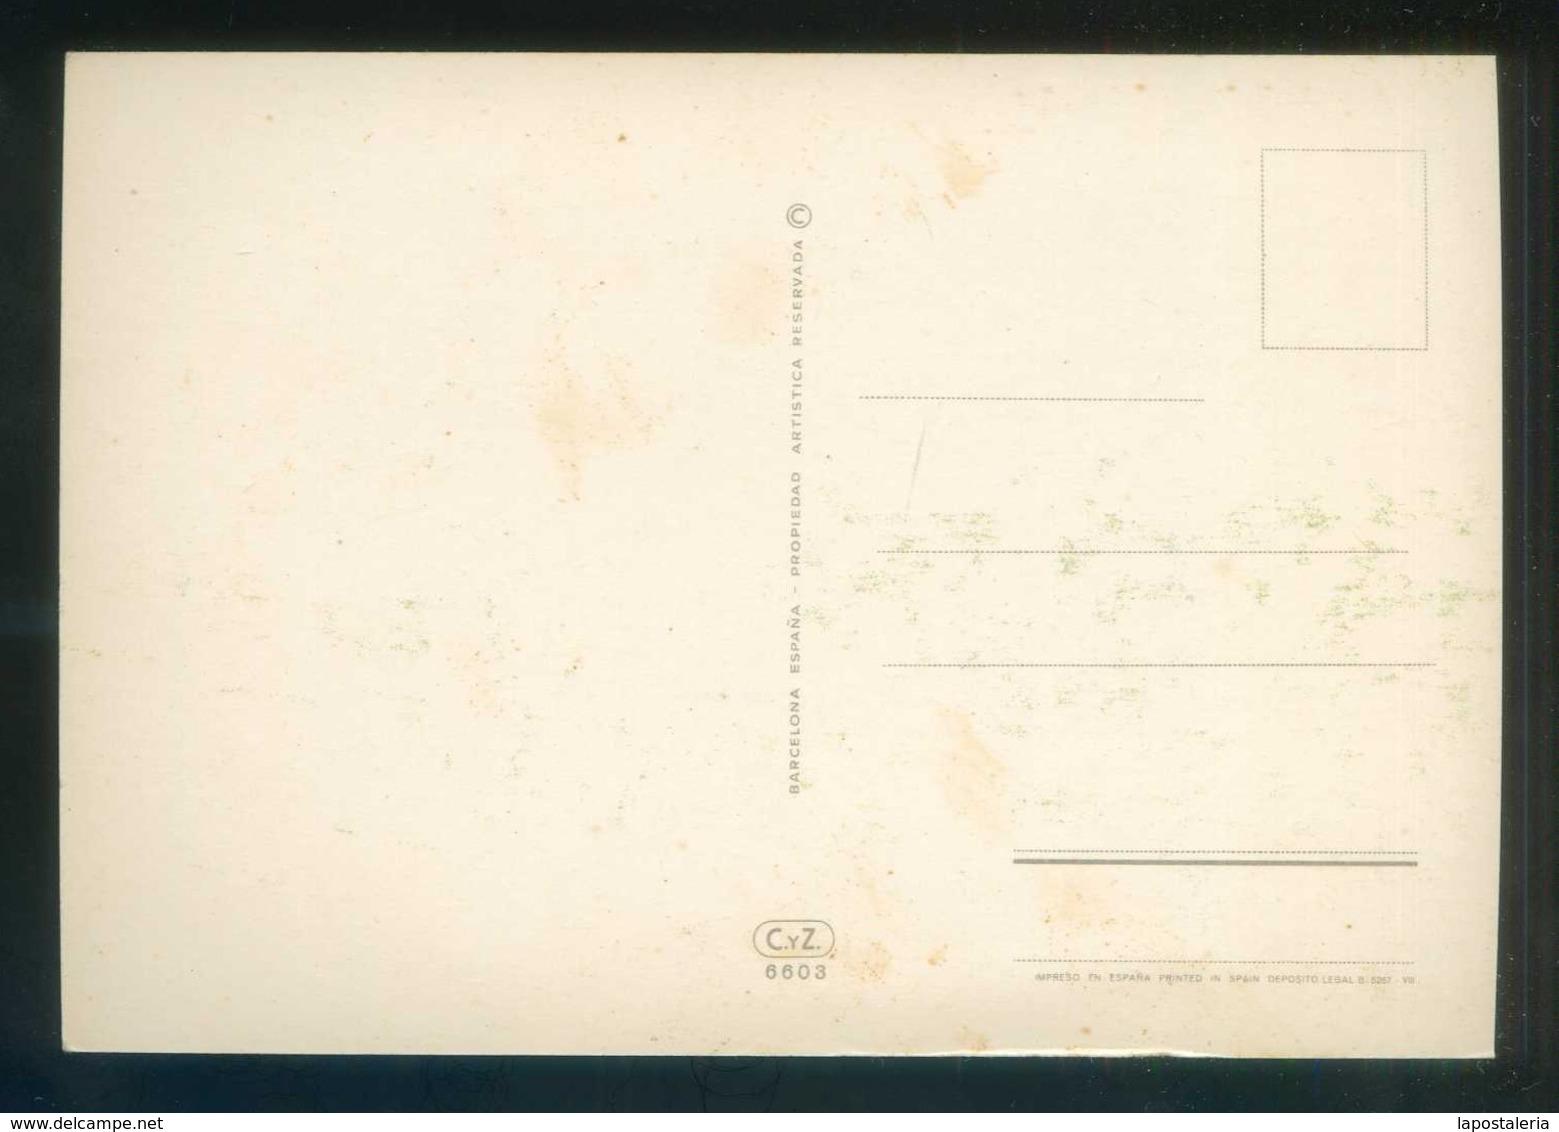 Ed. C. Y Z. Nº 6603. Nueva. - Flores, Plantas & Arboles